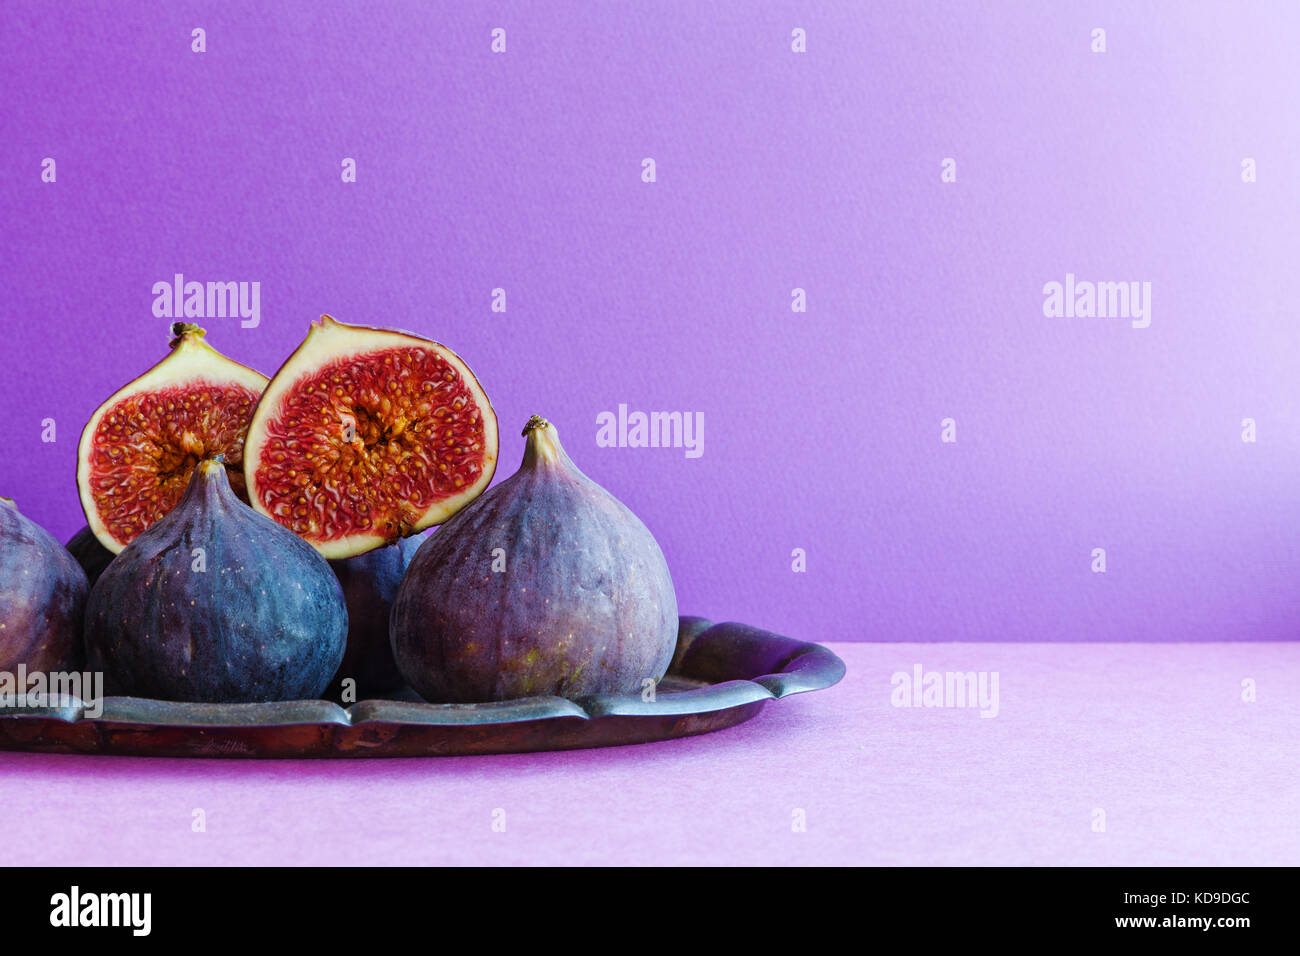 Todavía brillante vida fig frutas orgánicas en una antigua bandeja, hermoso fondo violeta púrpura. Imagen De Stock